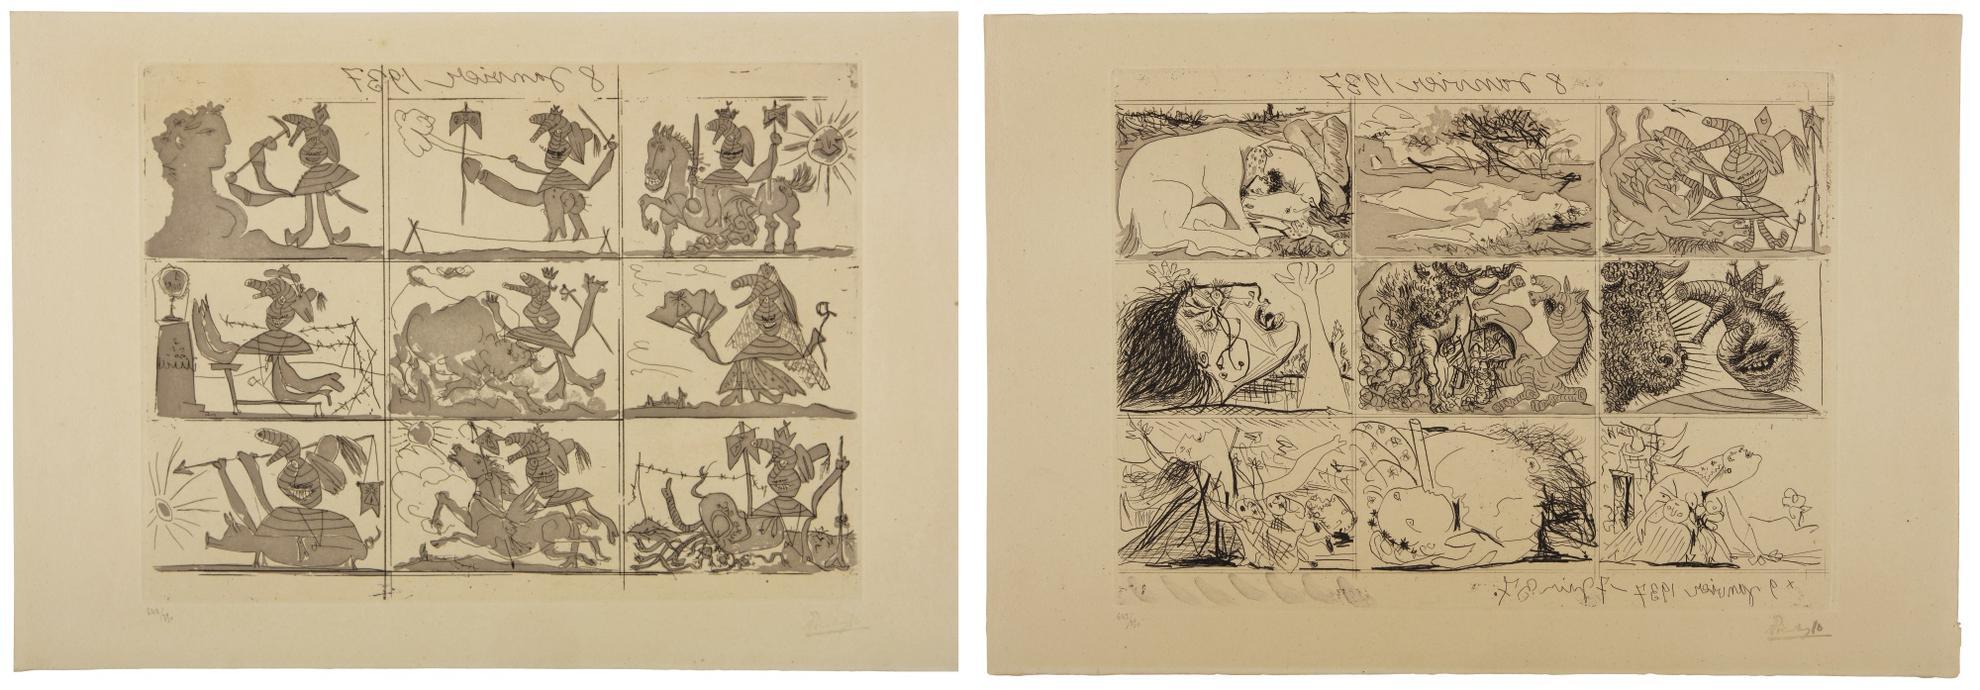 Pablo Picasso-Sueno Y Mentira De Franco (B. 297 And 298; Ba. 615 And 616)-1937